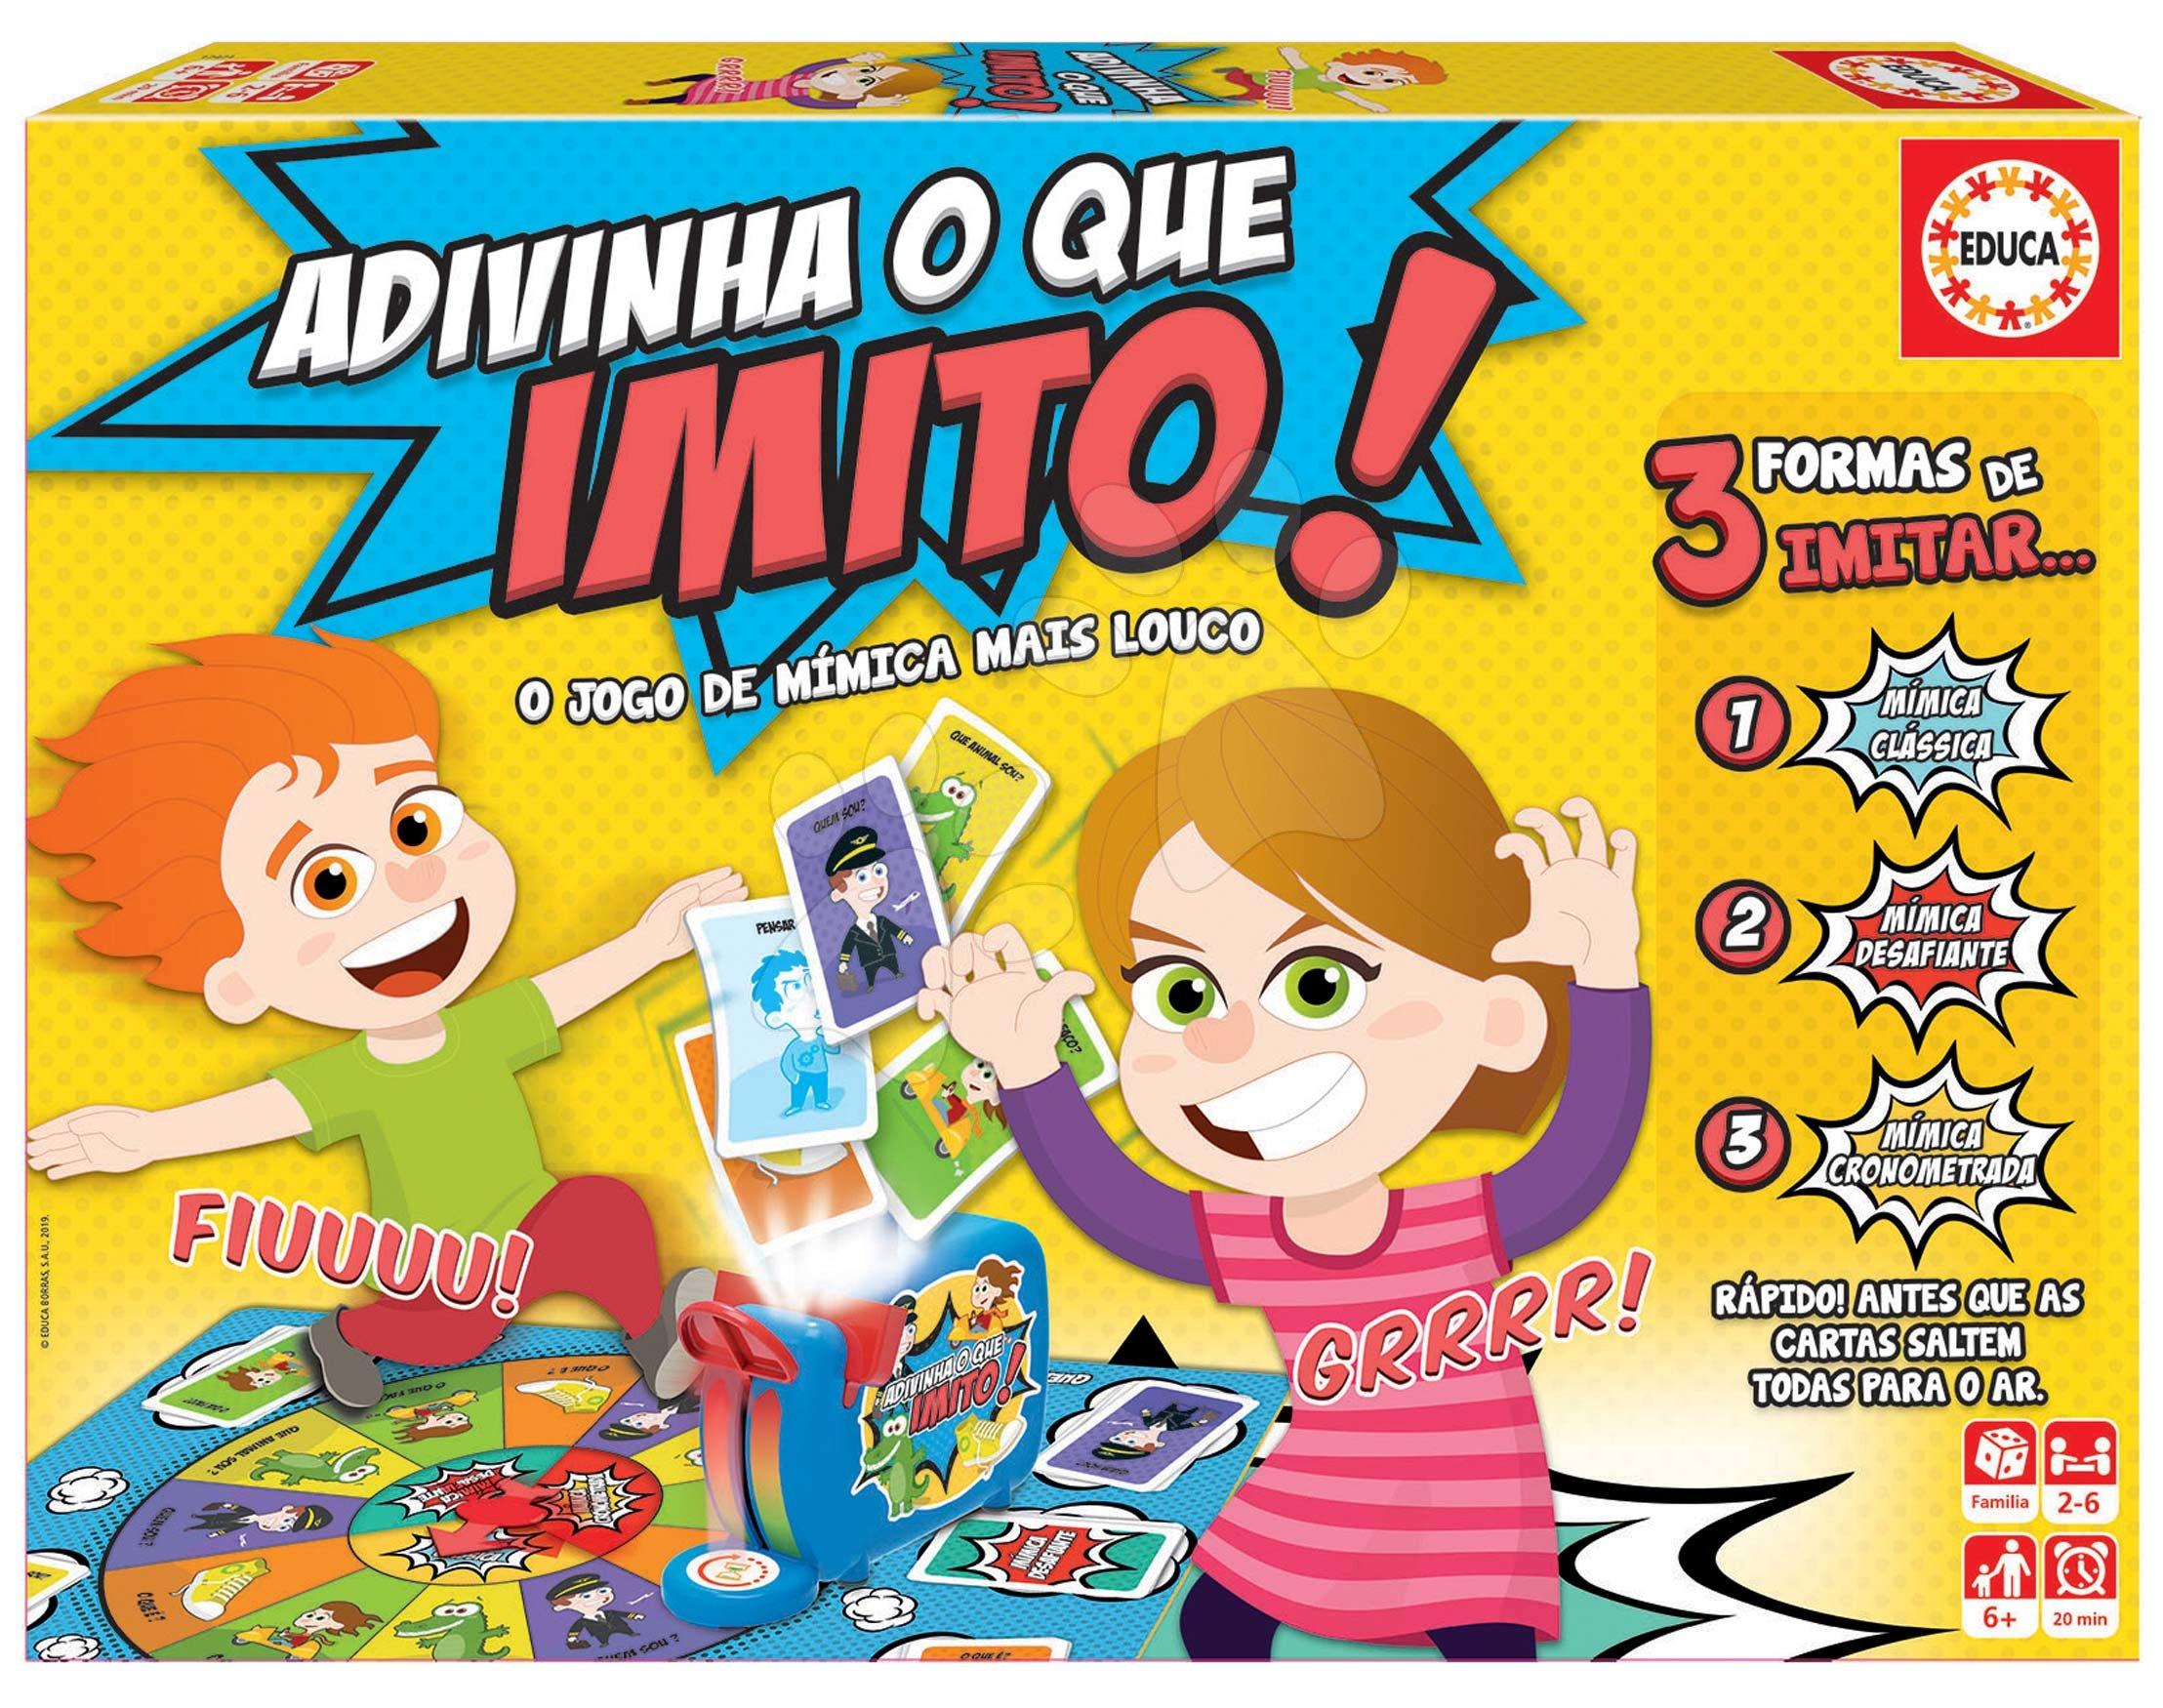 Spoločenská hra Adivina que imito! Educa španielsky pre 2-6 hráčov od 6 rokov